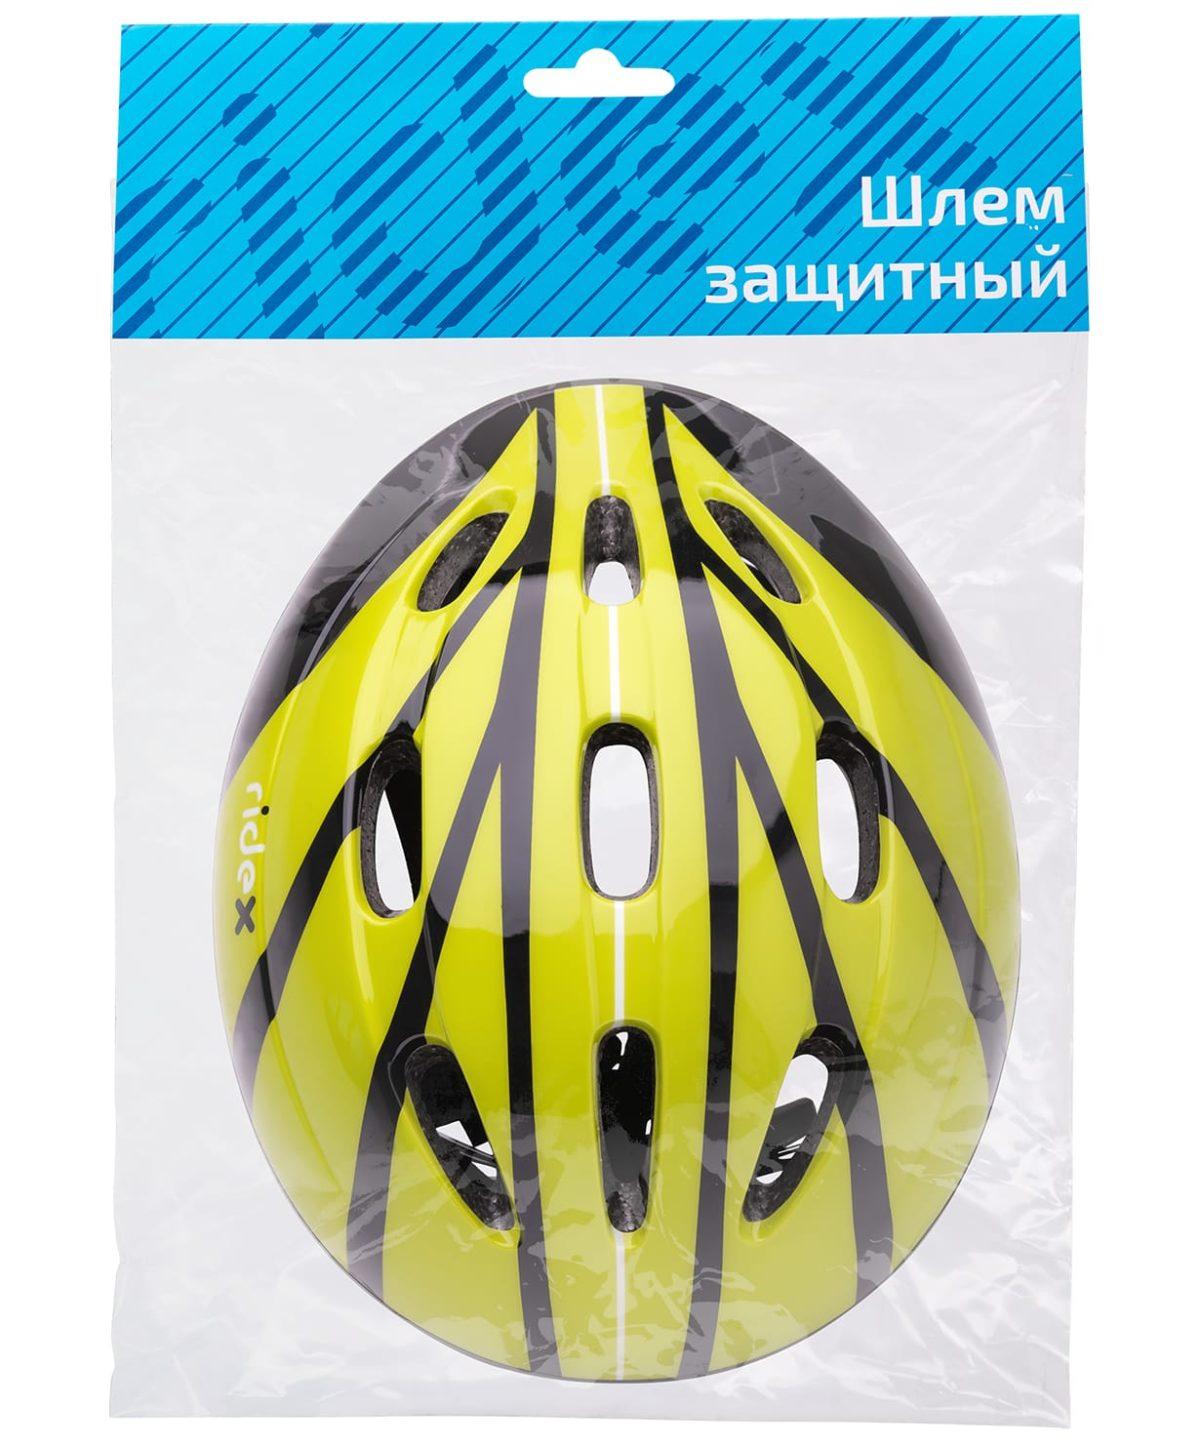 RIDEX Шлем защитный Rapid: зелёный - 2